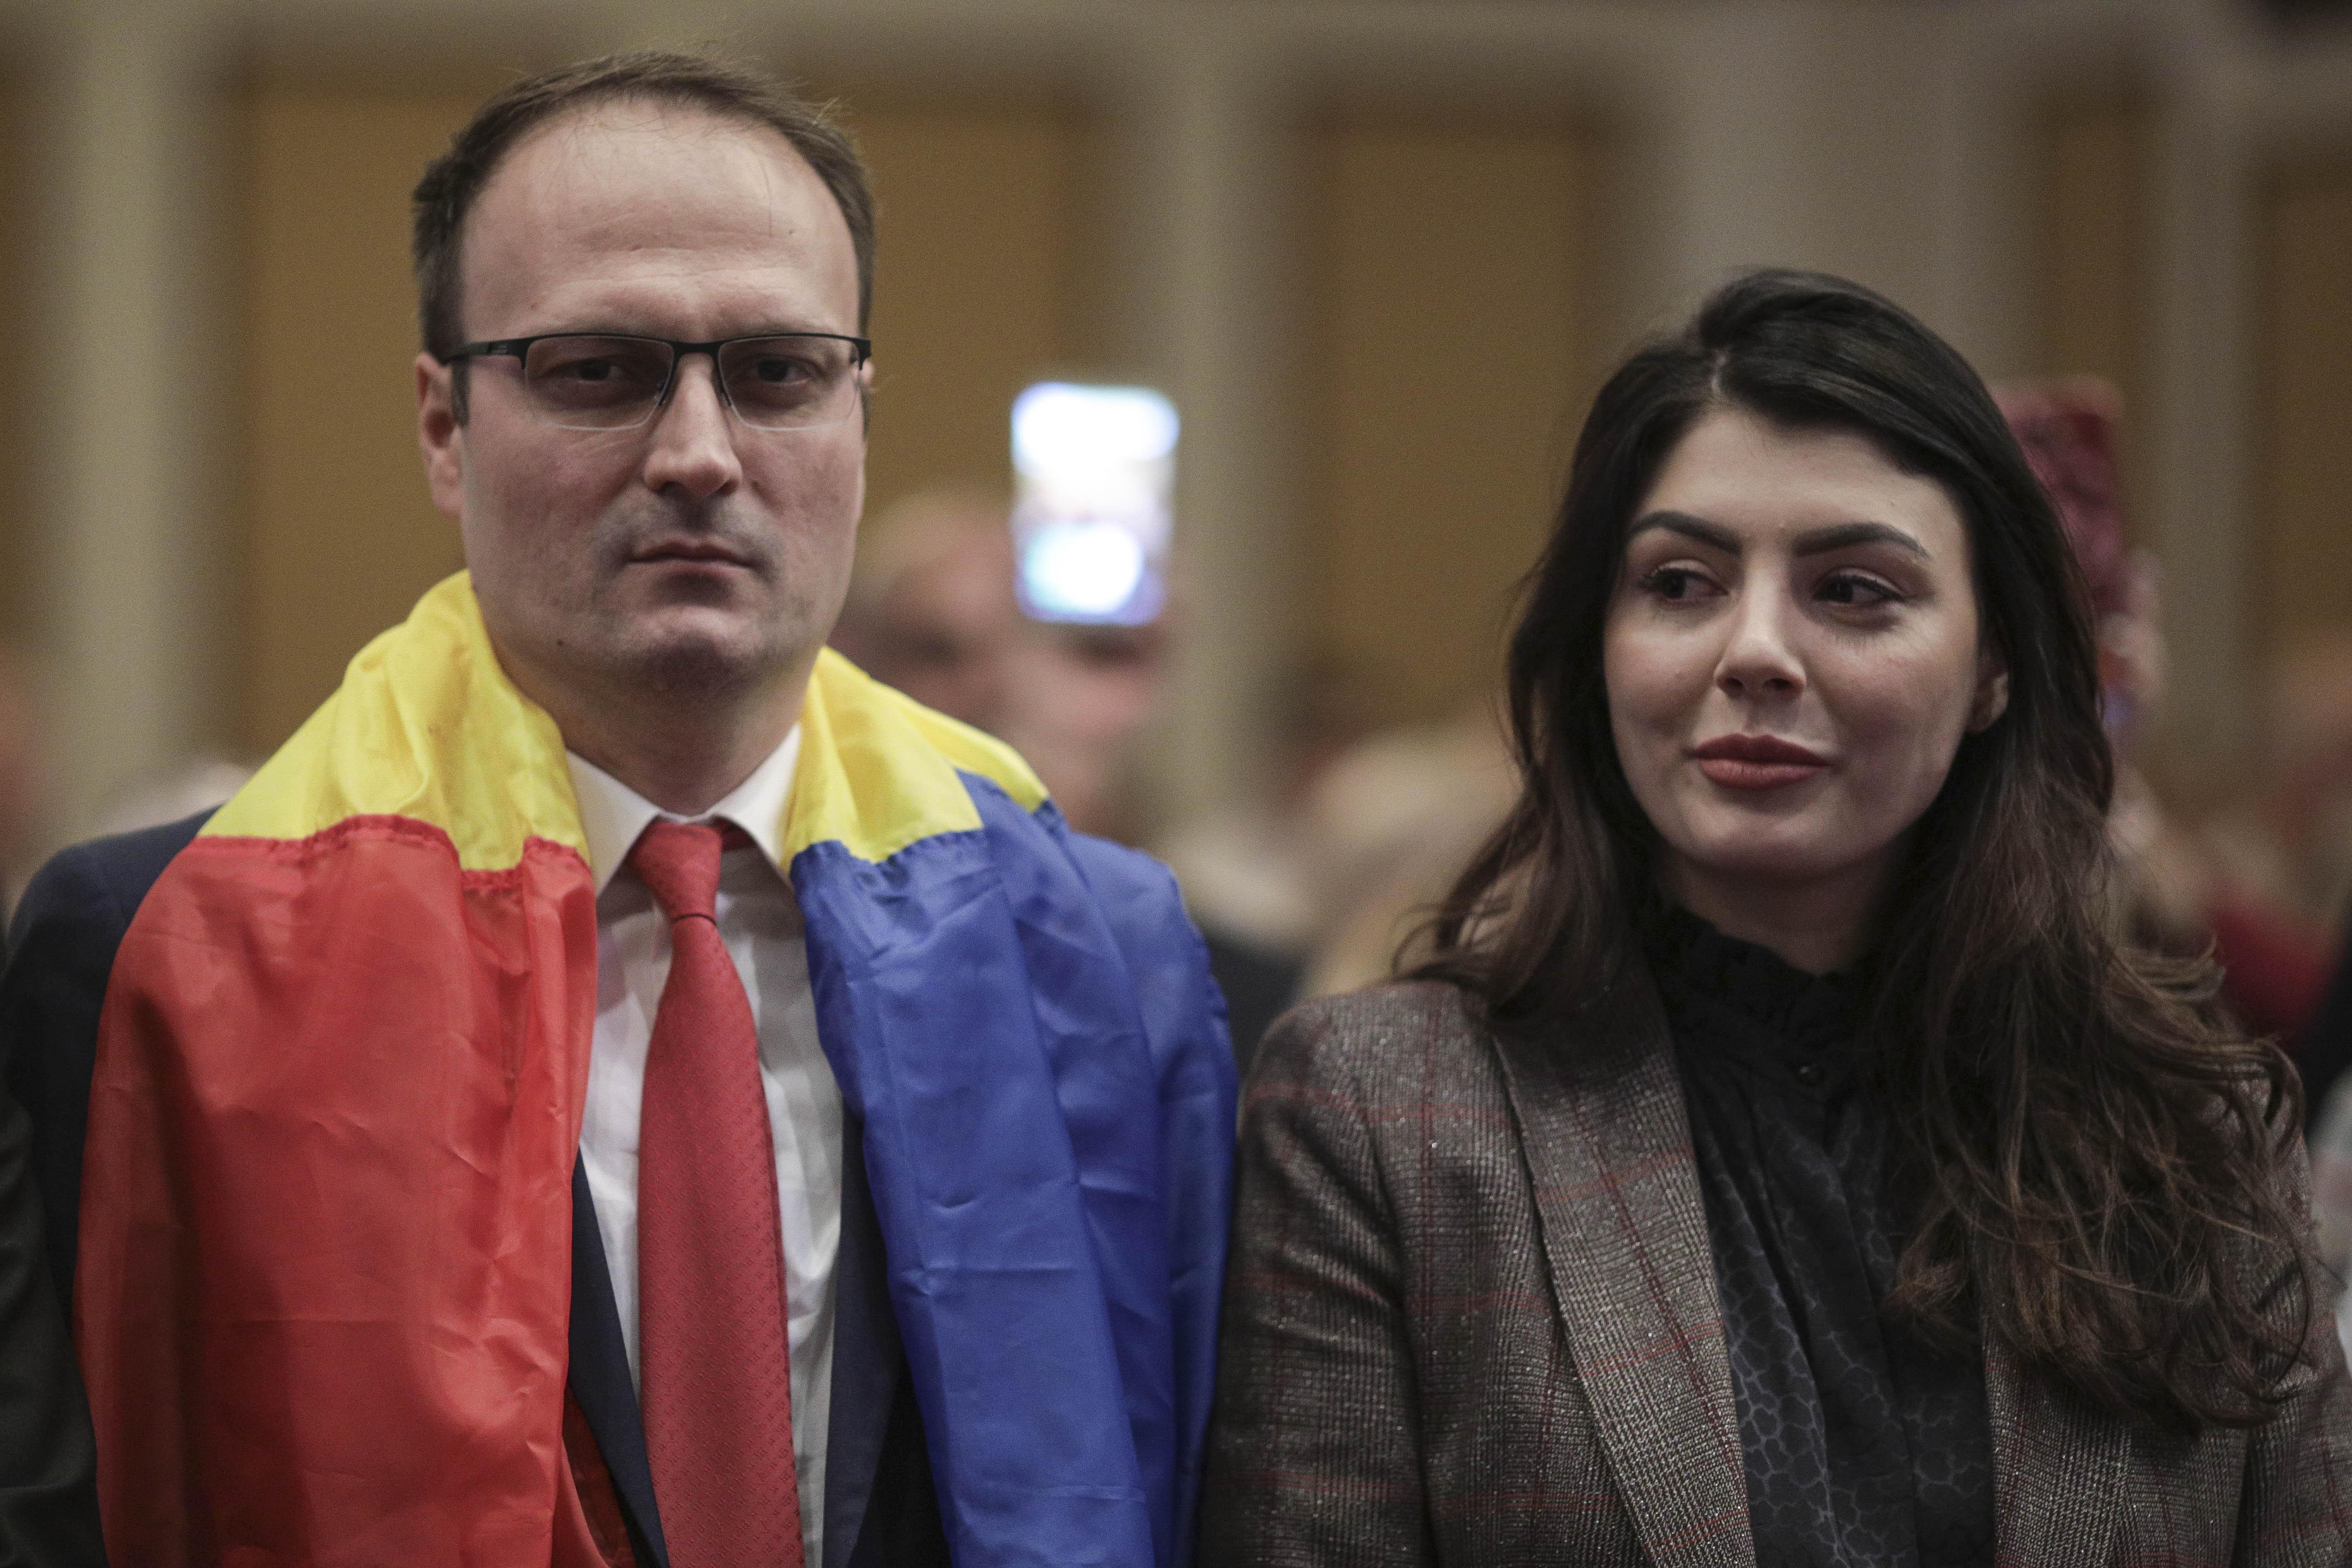 Cine e Alexandru Cumpănașu, candidatul legat de drama din Caracal, care trage cu arma